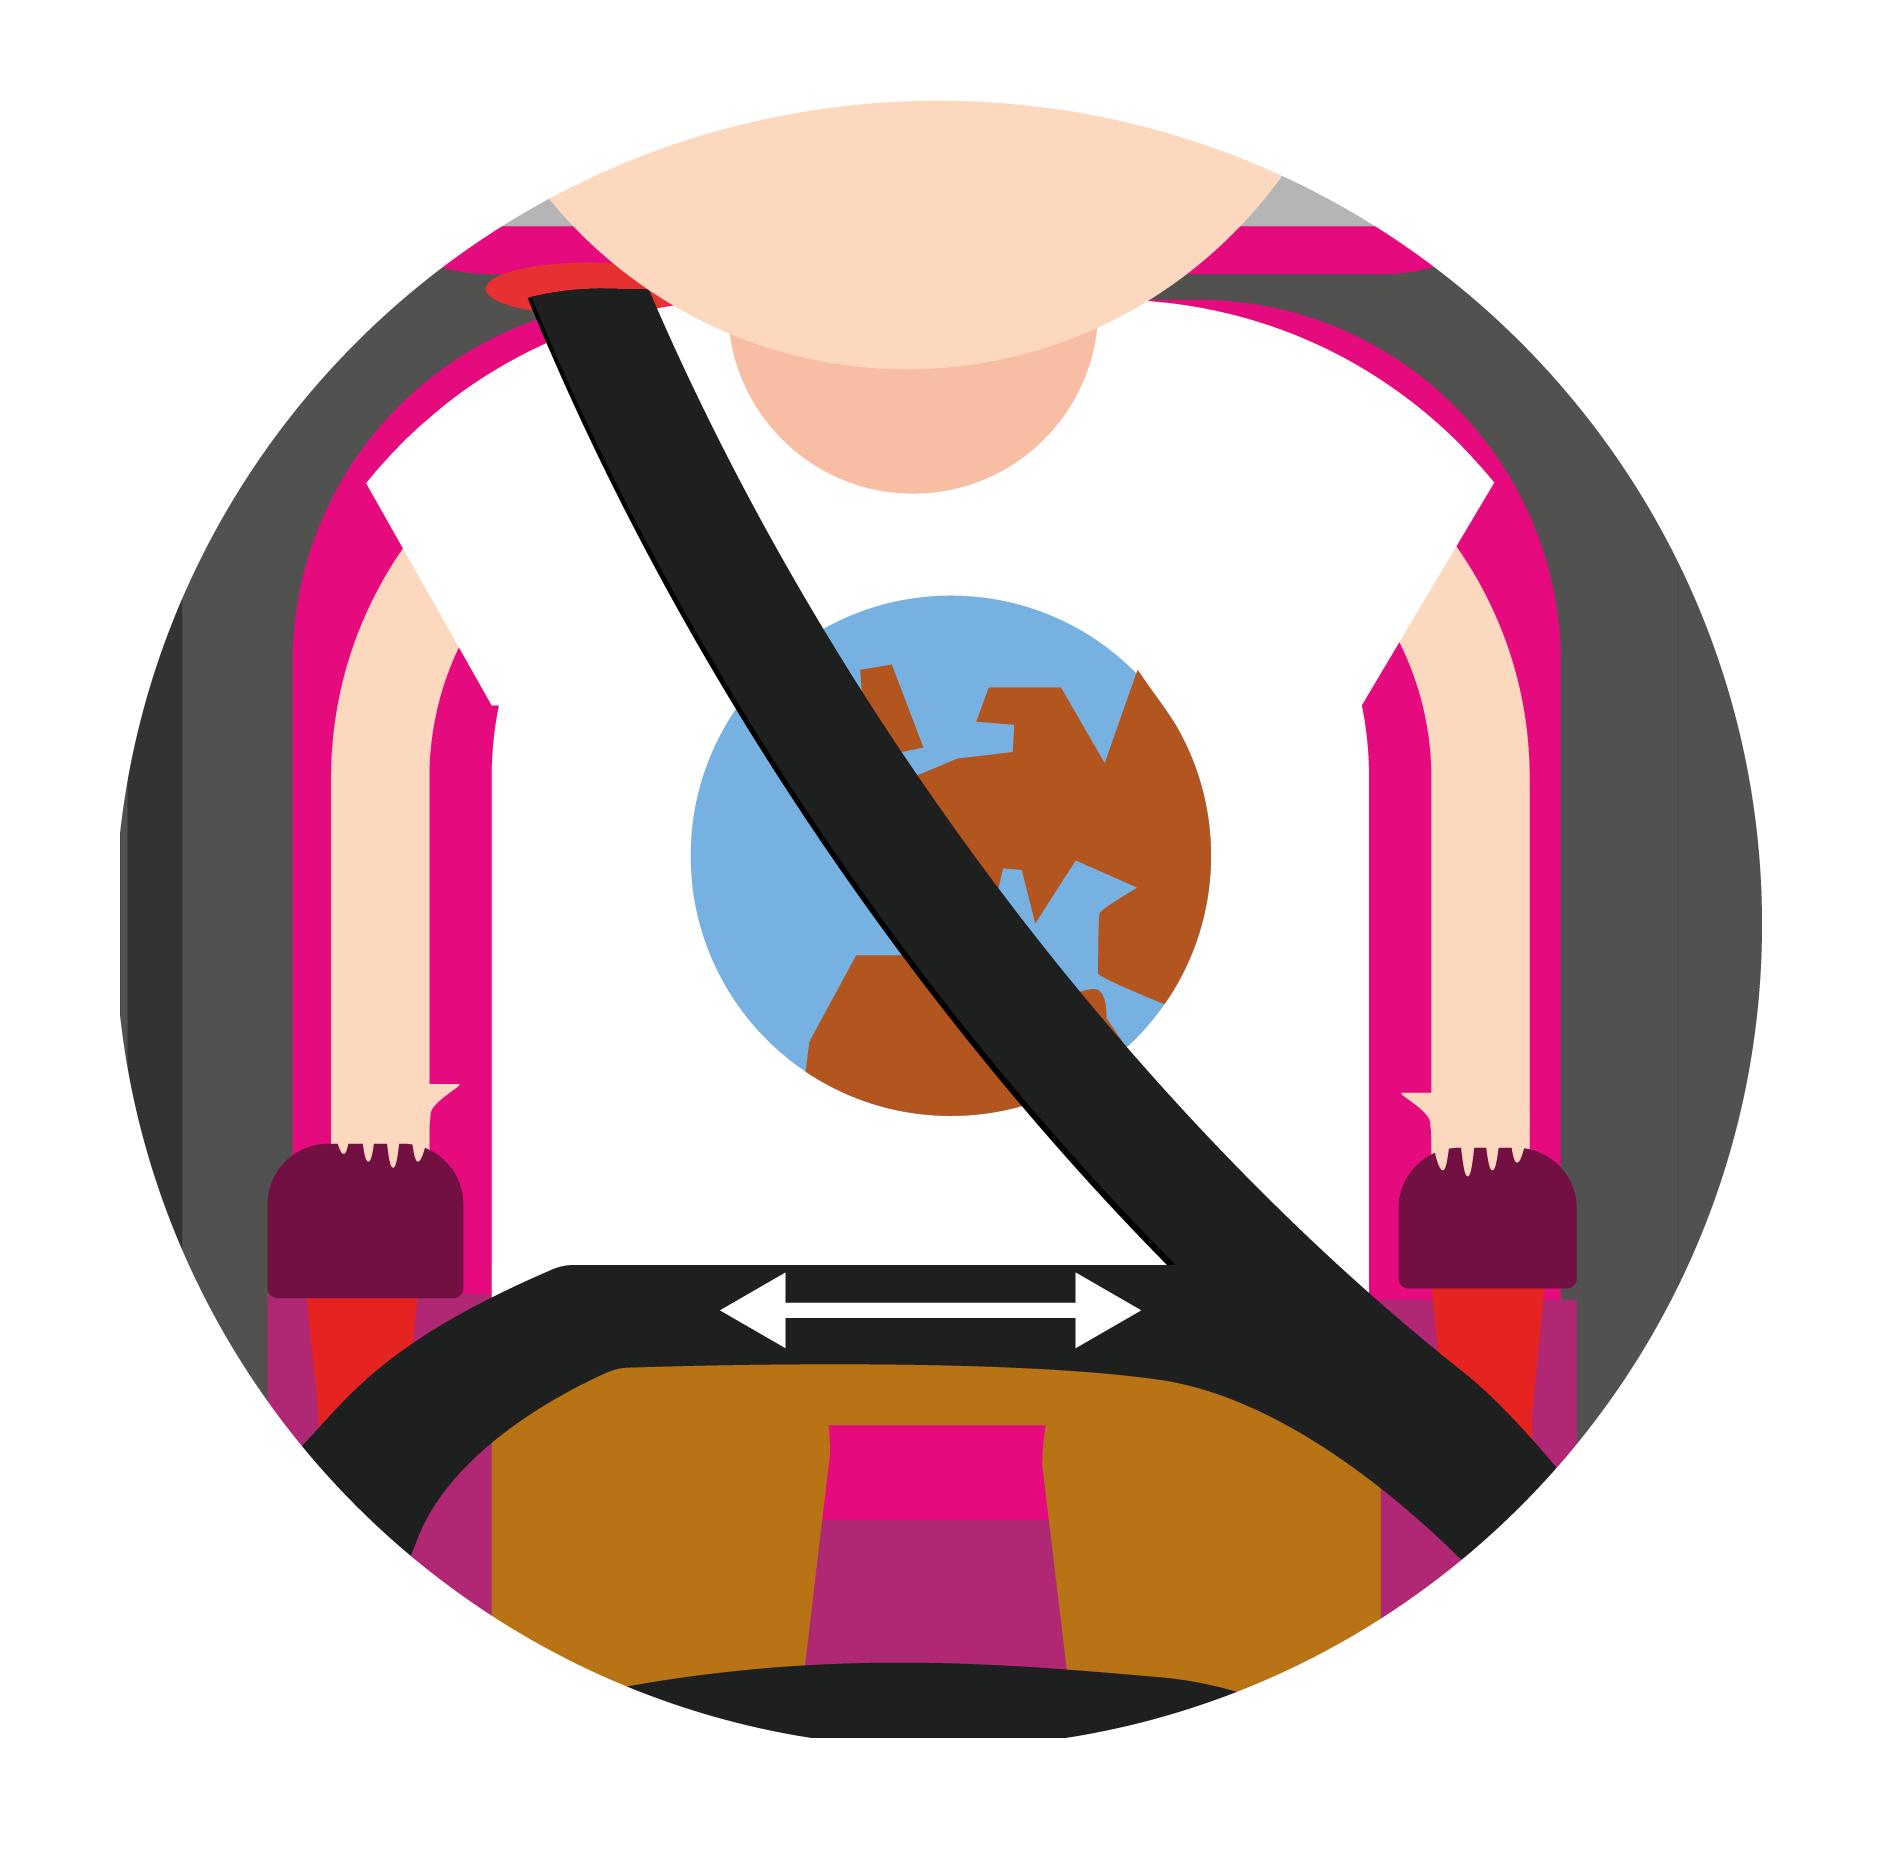 tekengebied 7 kopie 101x - Zo vervoer je je kinderen op een veilige manier